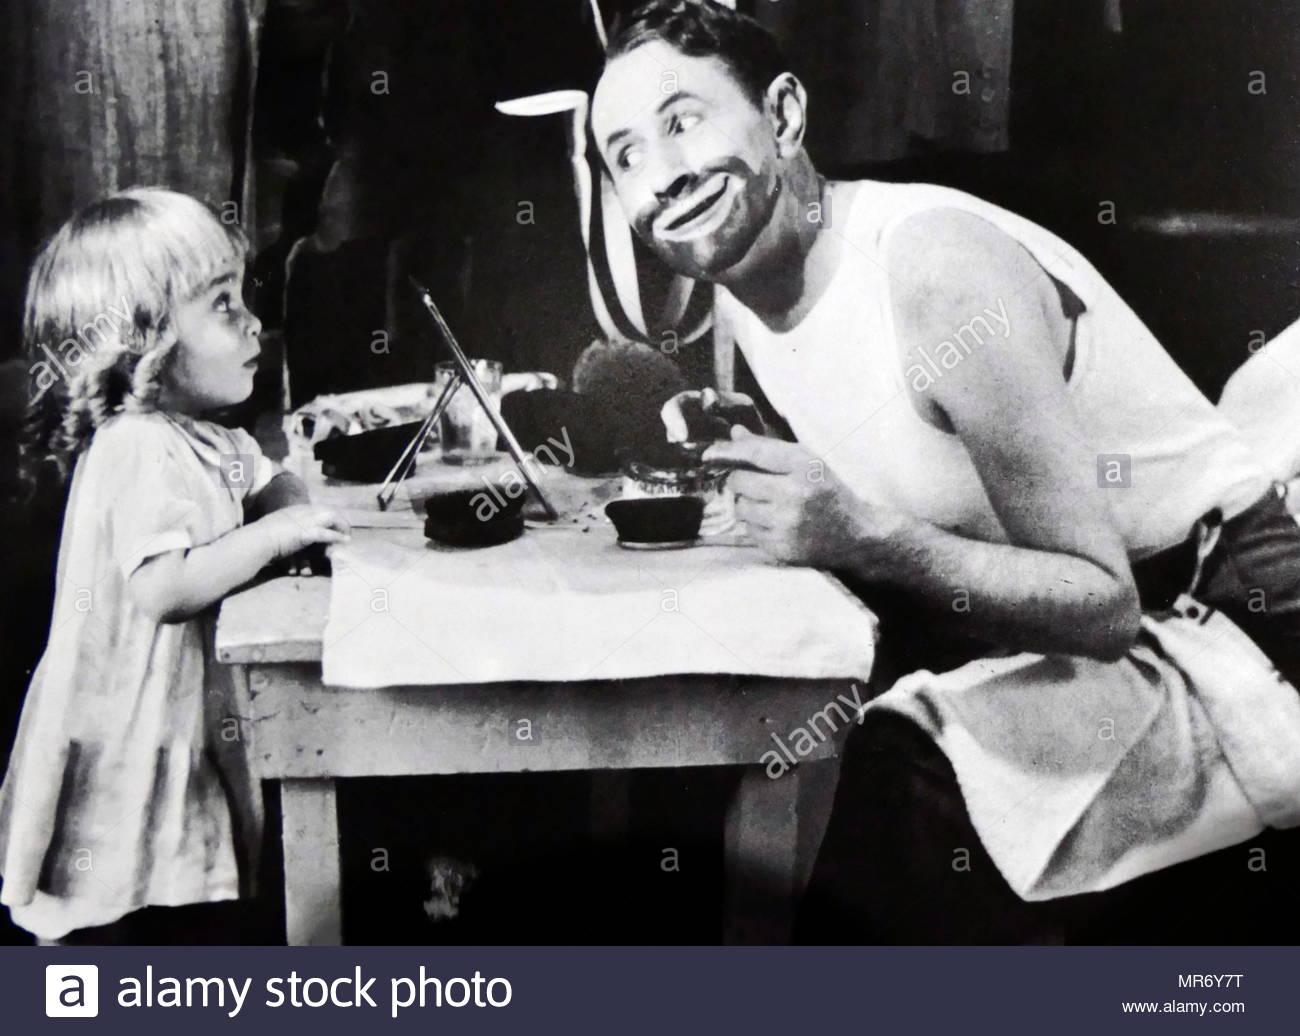 Eddie Lane (derecha) en el 'Memory Lane', es un perdido, en blanco y negro de 1929 película musical estadounidense. Es una adaptación de la obra la entiendo, escrita por Jo Swerling. Eddie Leonard (17 de octubre de 1870 - 29 de julio de 1941), nacido Lemuel Golden Toney, fue un vaudevillian y un hombre considerado el mayor juglar americano de su día, en un momento en el minstrel shows eran un entretenimiento aceptable y popular en los Estados Unidos Imagen De Stock